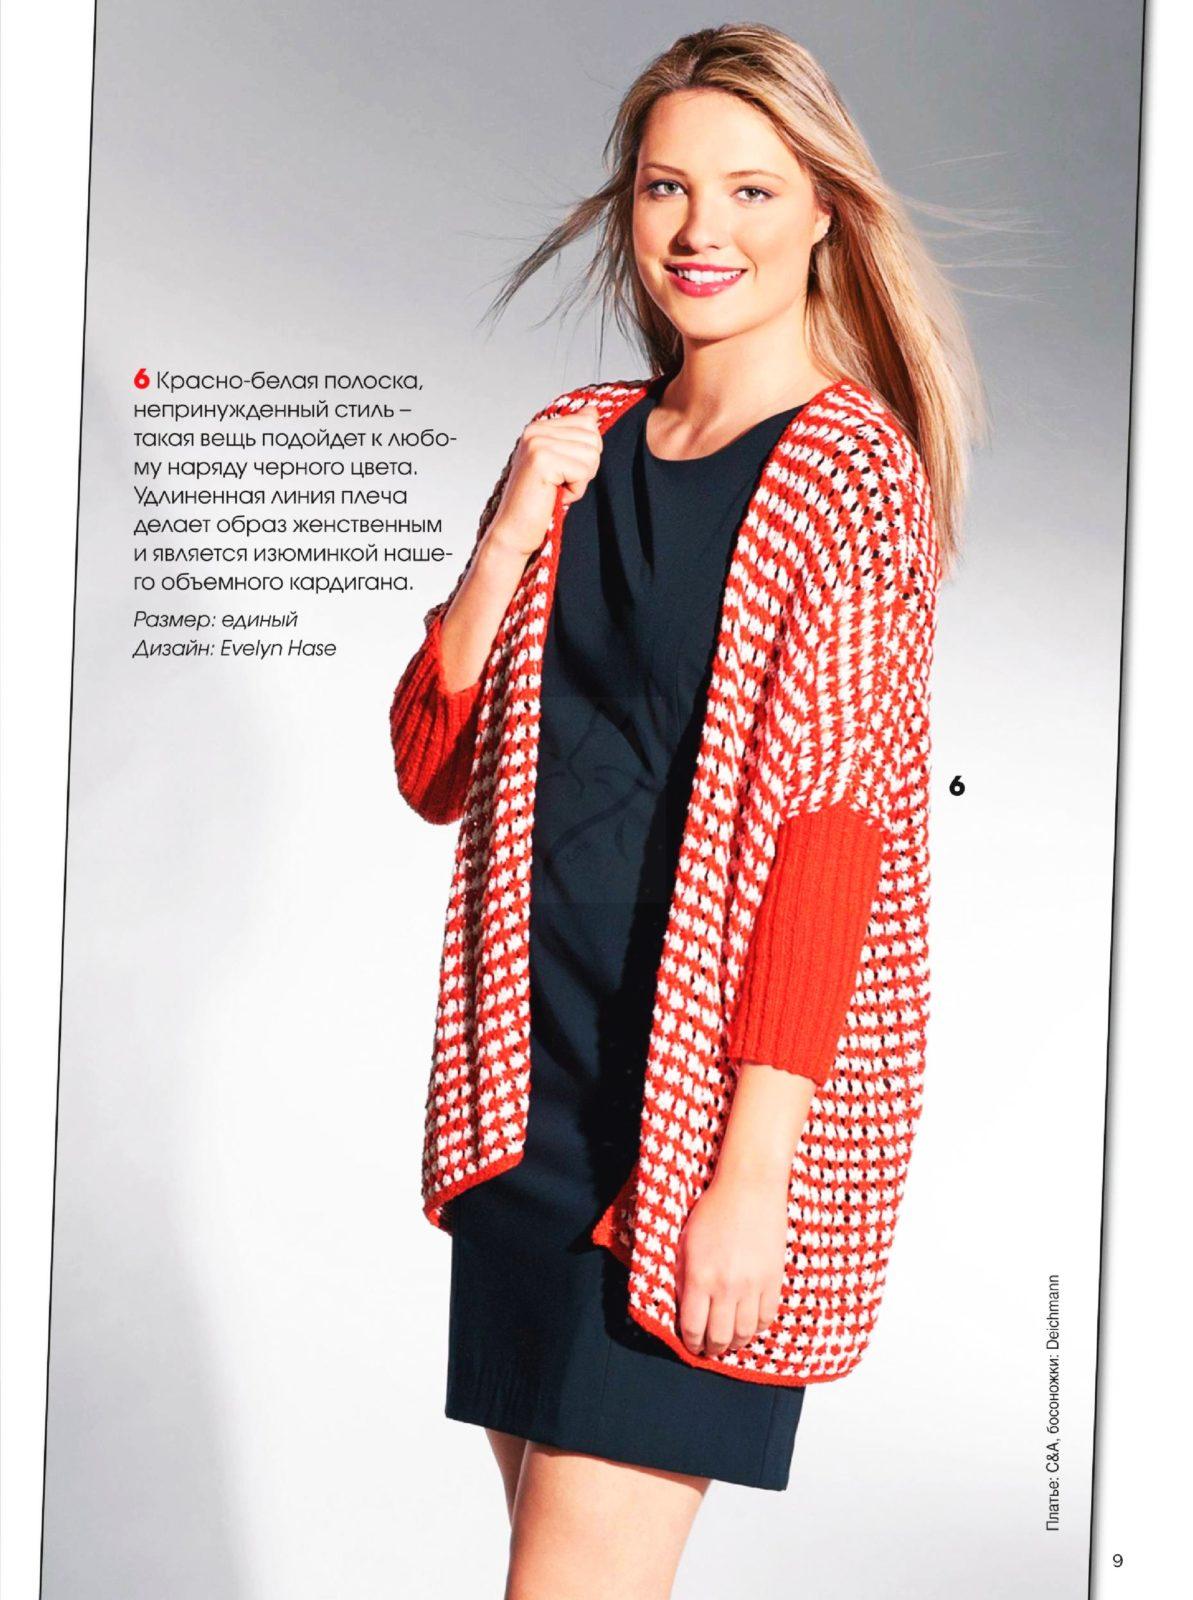 Вязание спицами для женщин модели 2018: фото